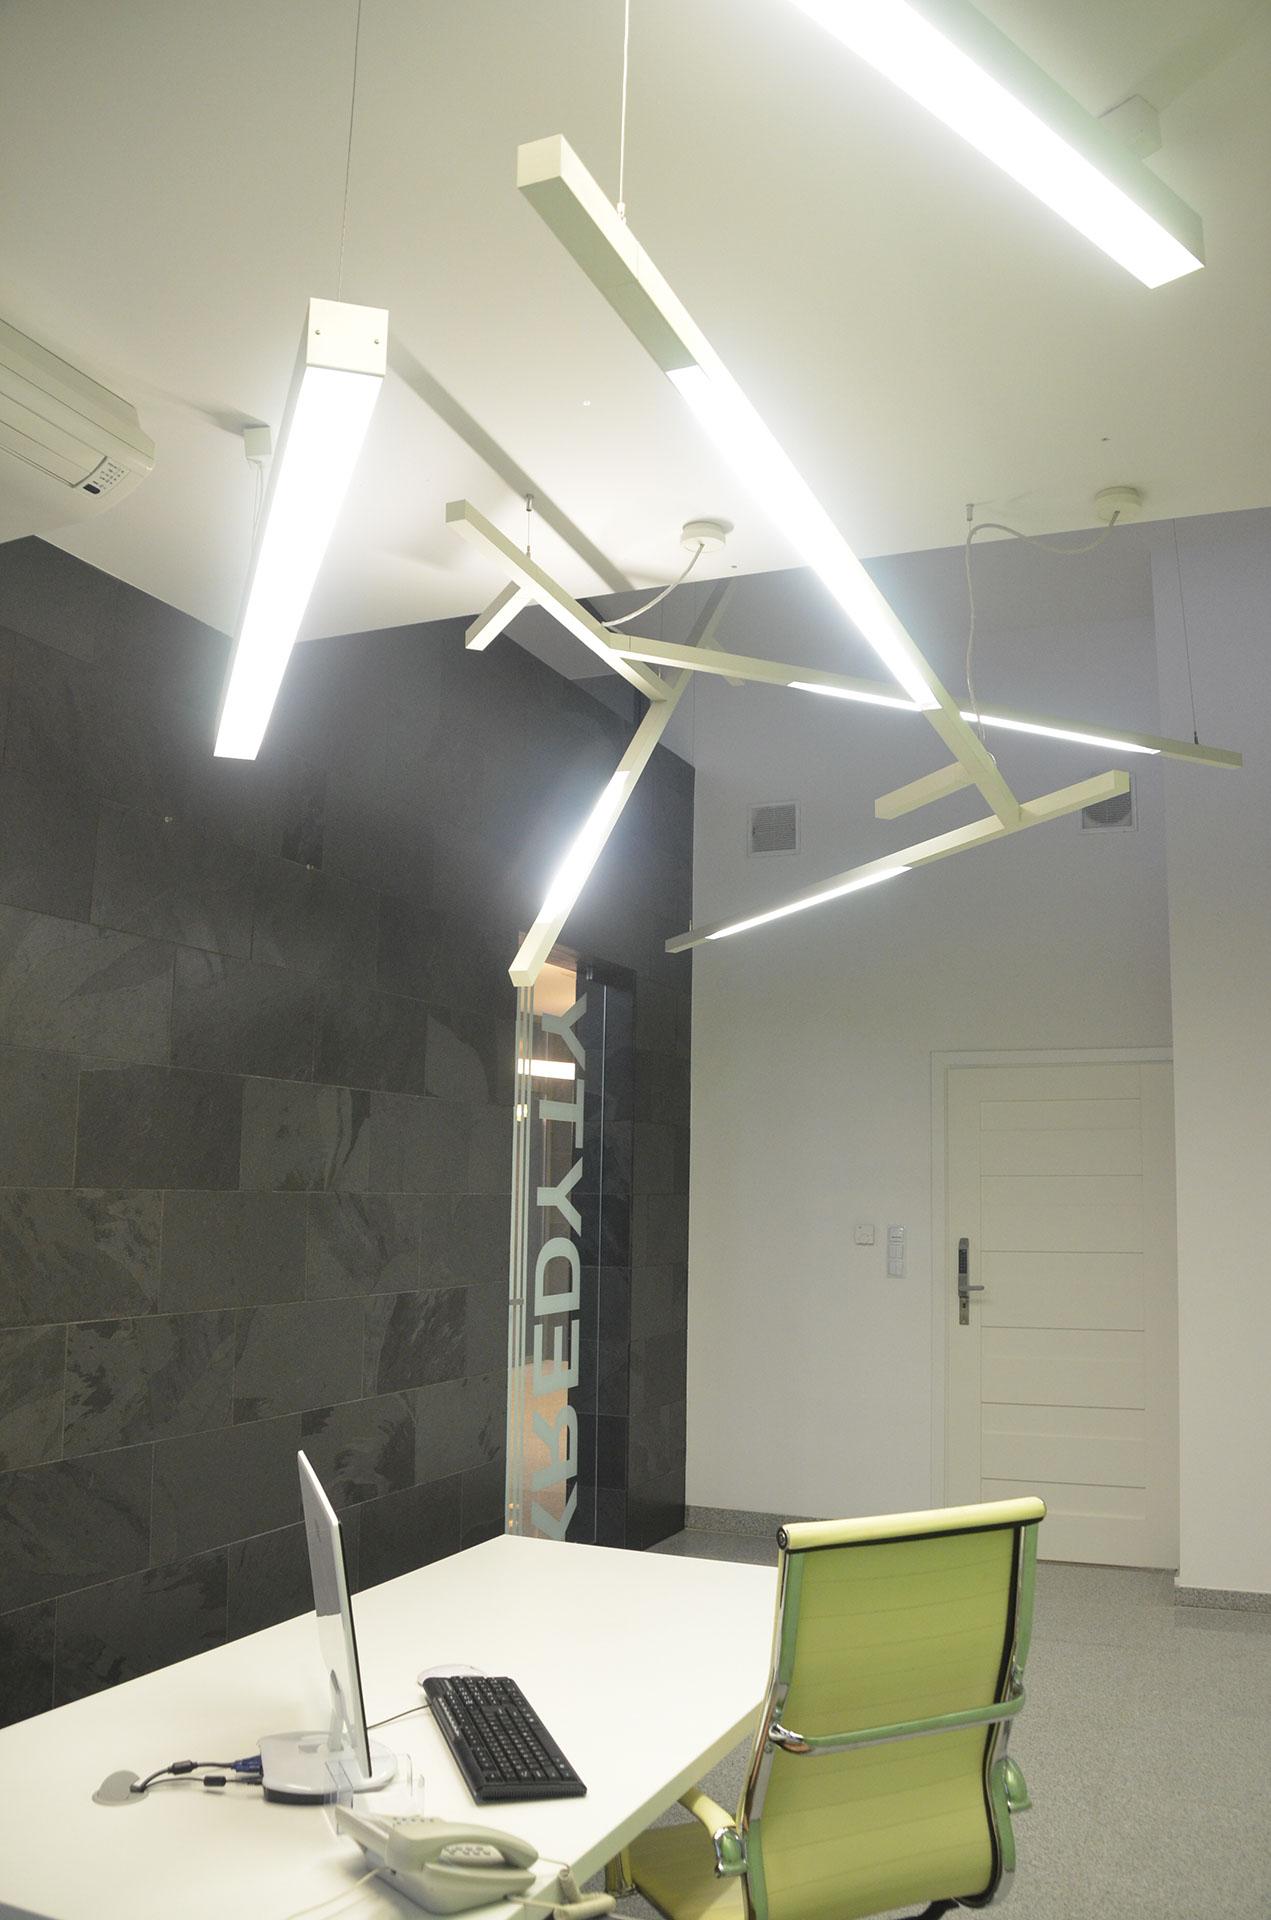 Nowoczesna lampa KAO Artemide we wnętrzu działu kredytów